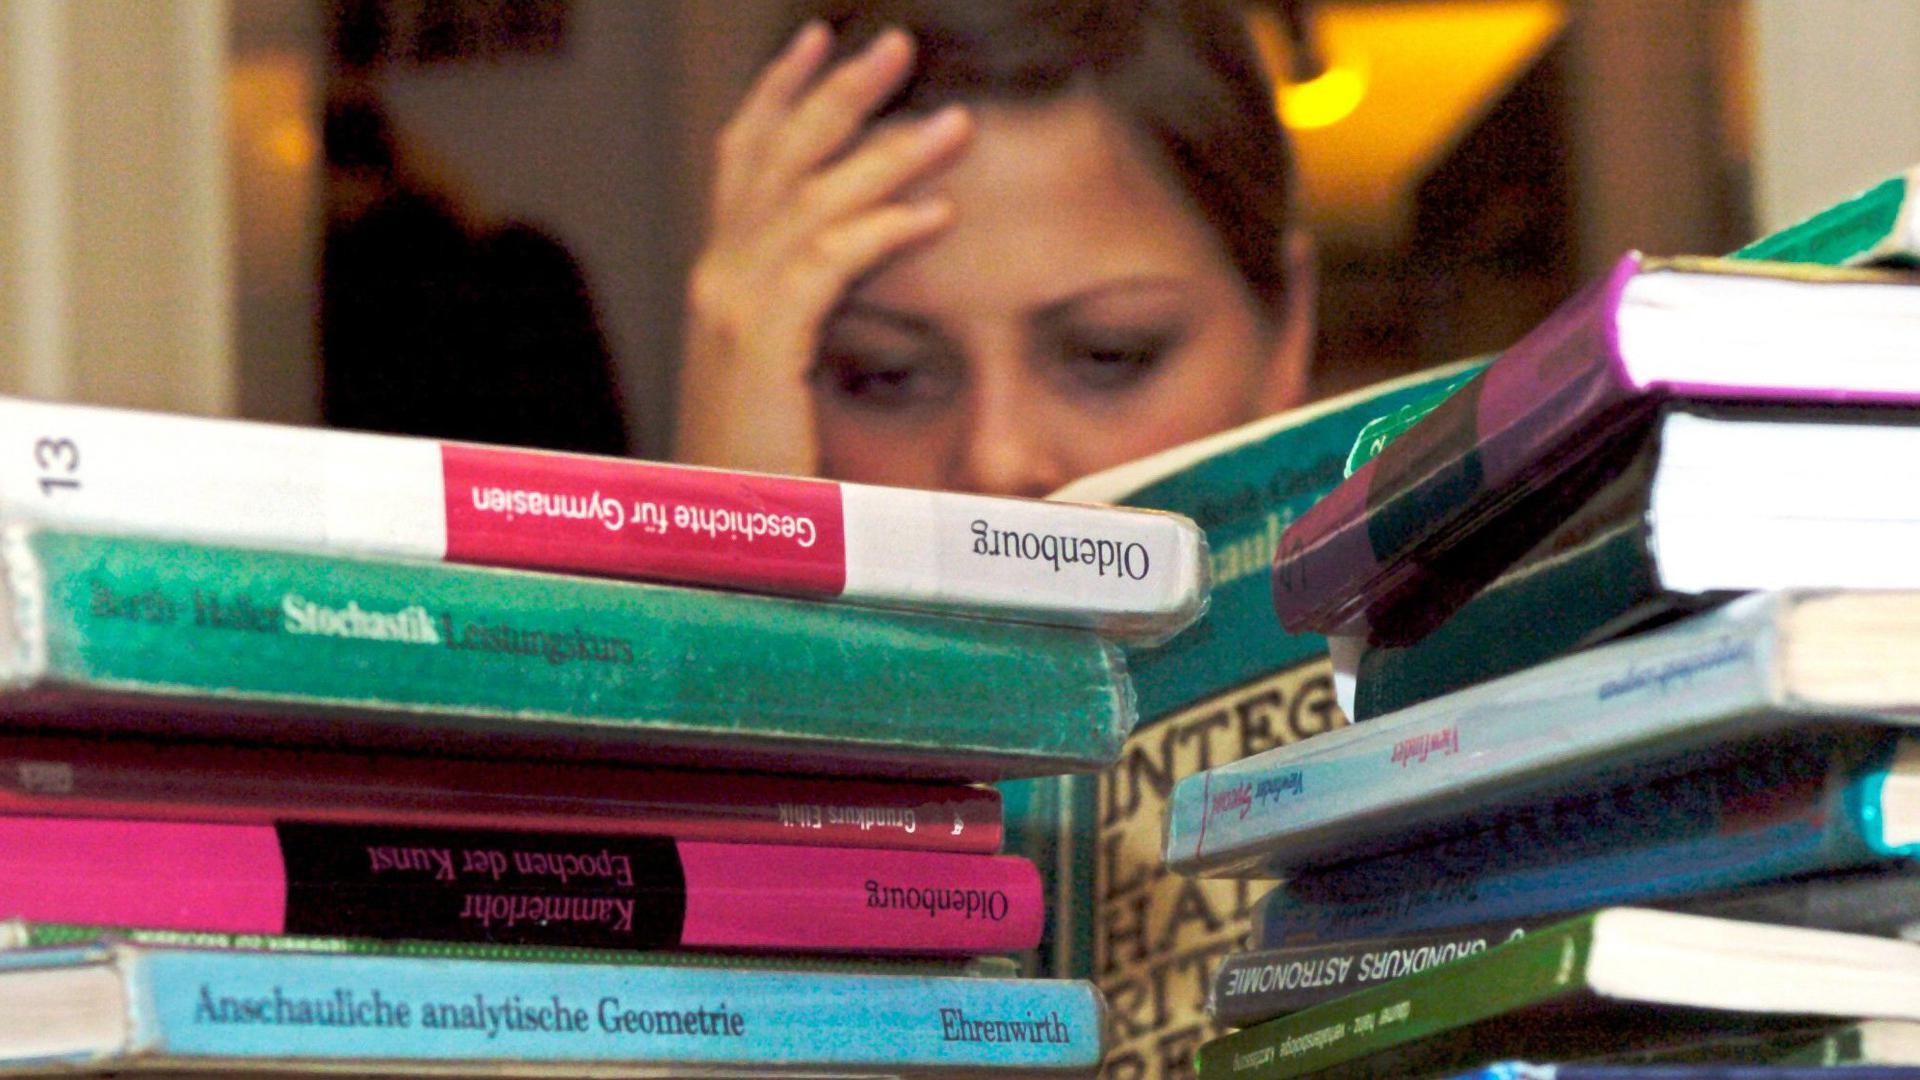 Schülerin sitzt verzweifelt vor Büchern.